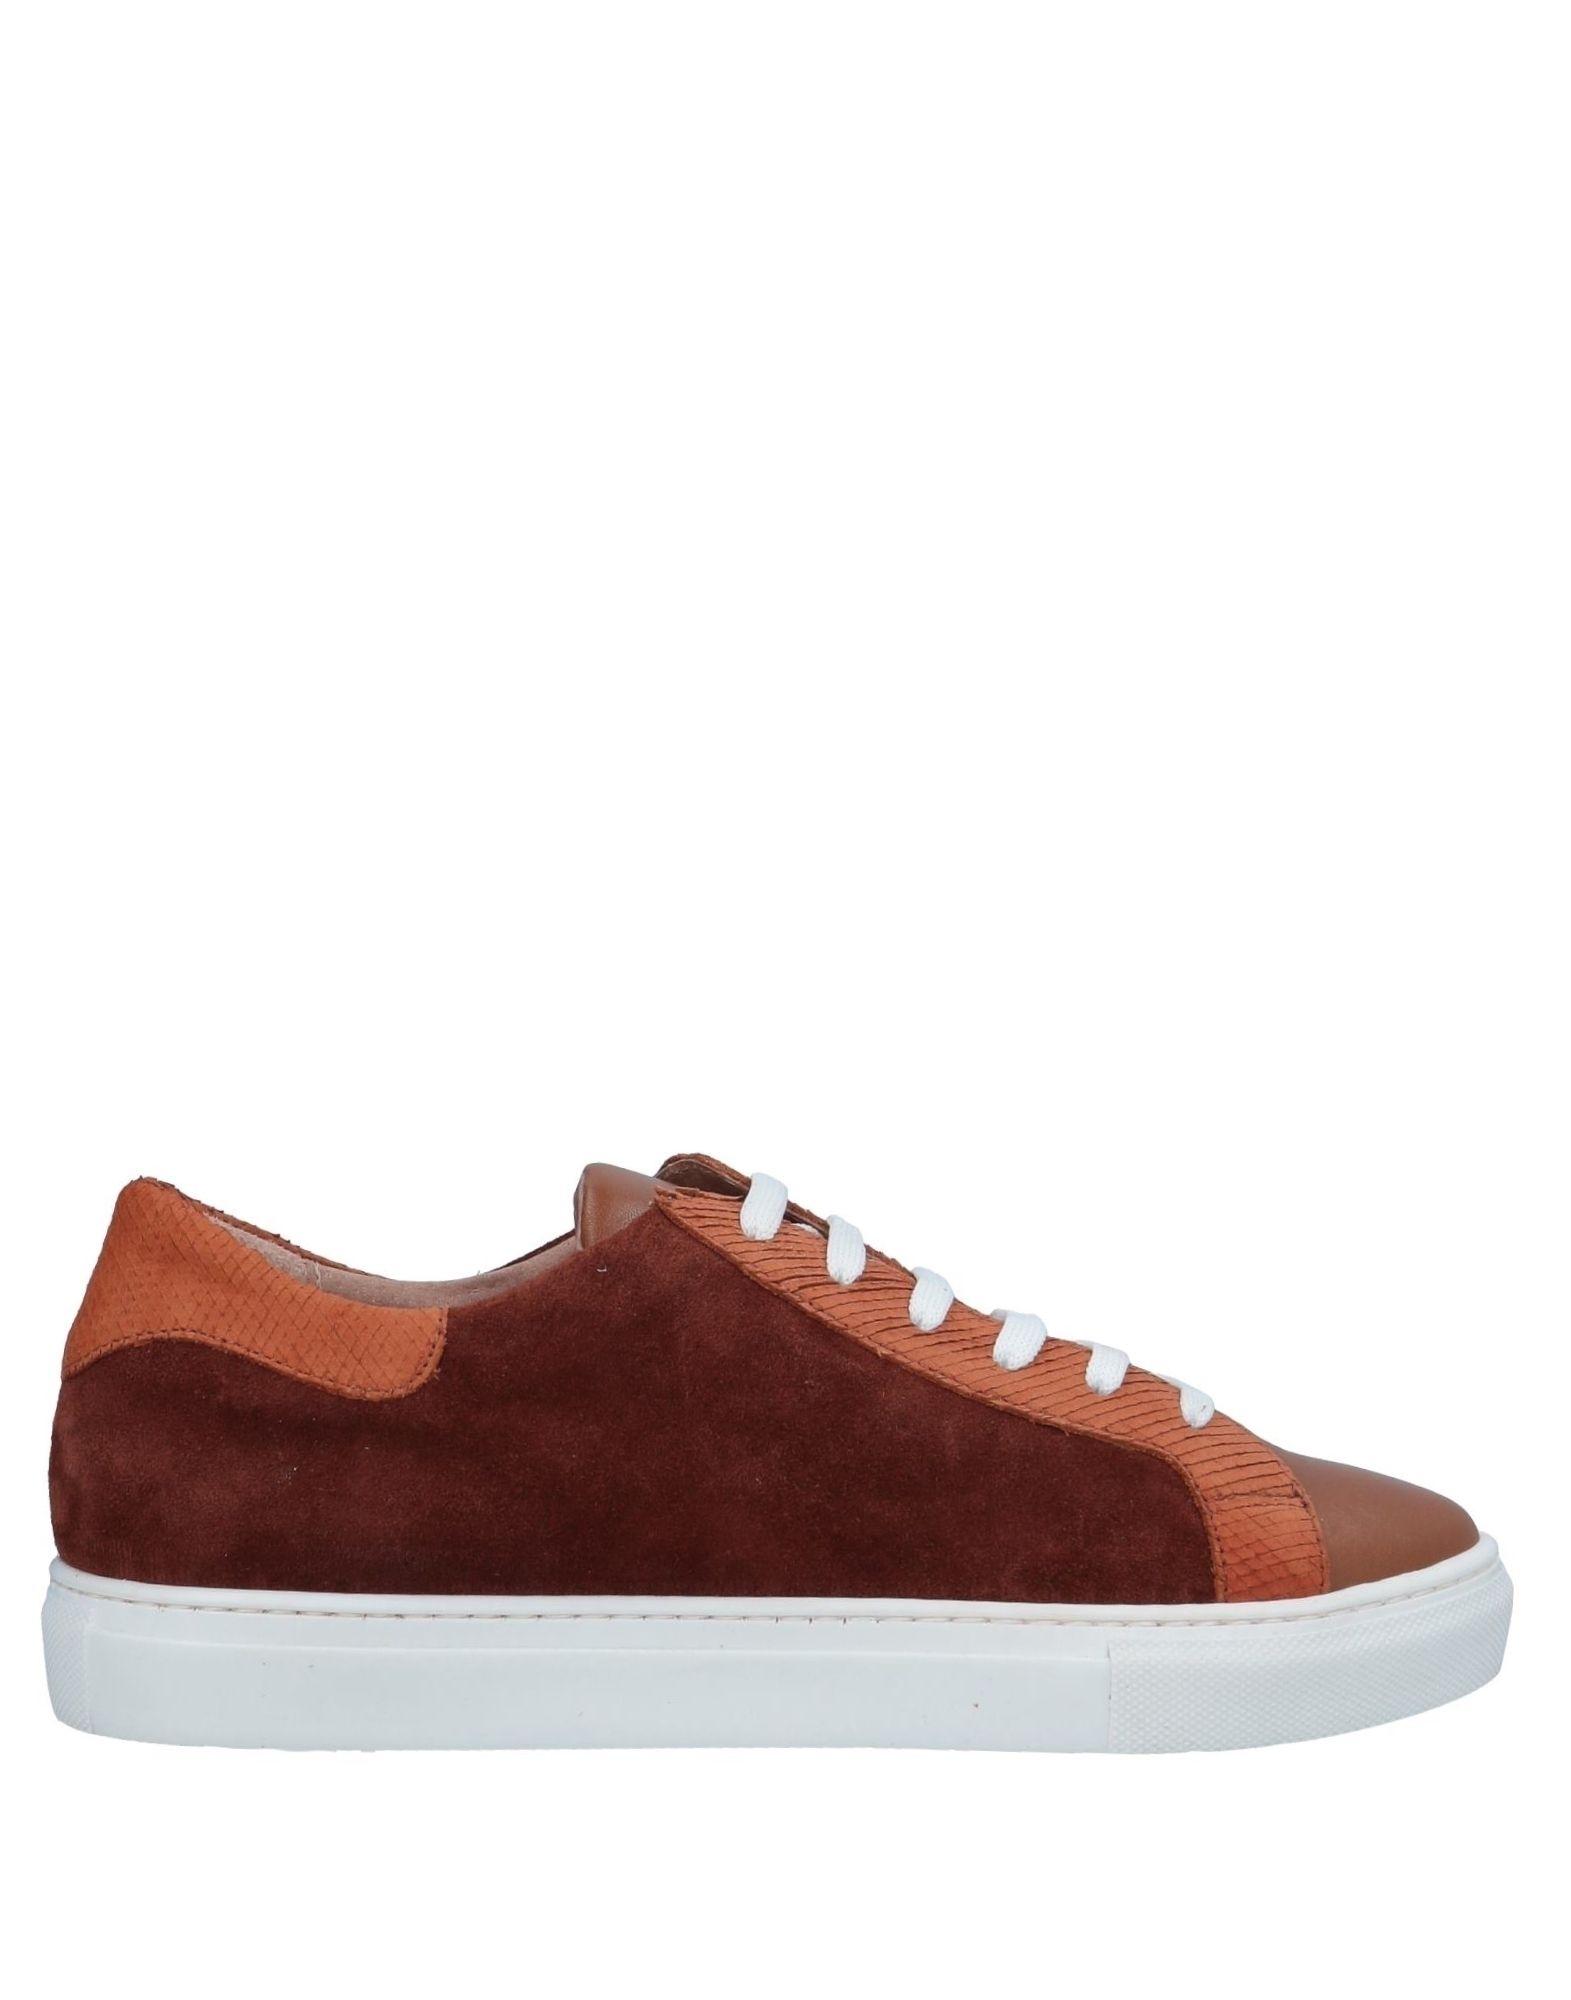 Tsd12 Sneakers - Women  Tsd12 Sneakers online on  Women Australia - 11567382KC 035bca